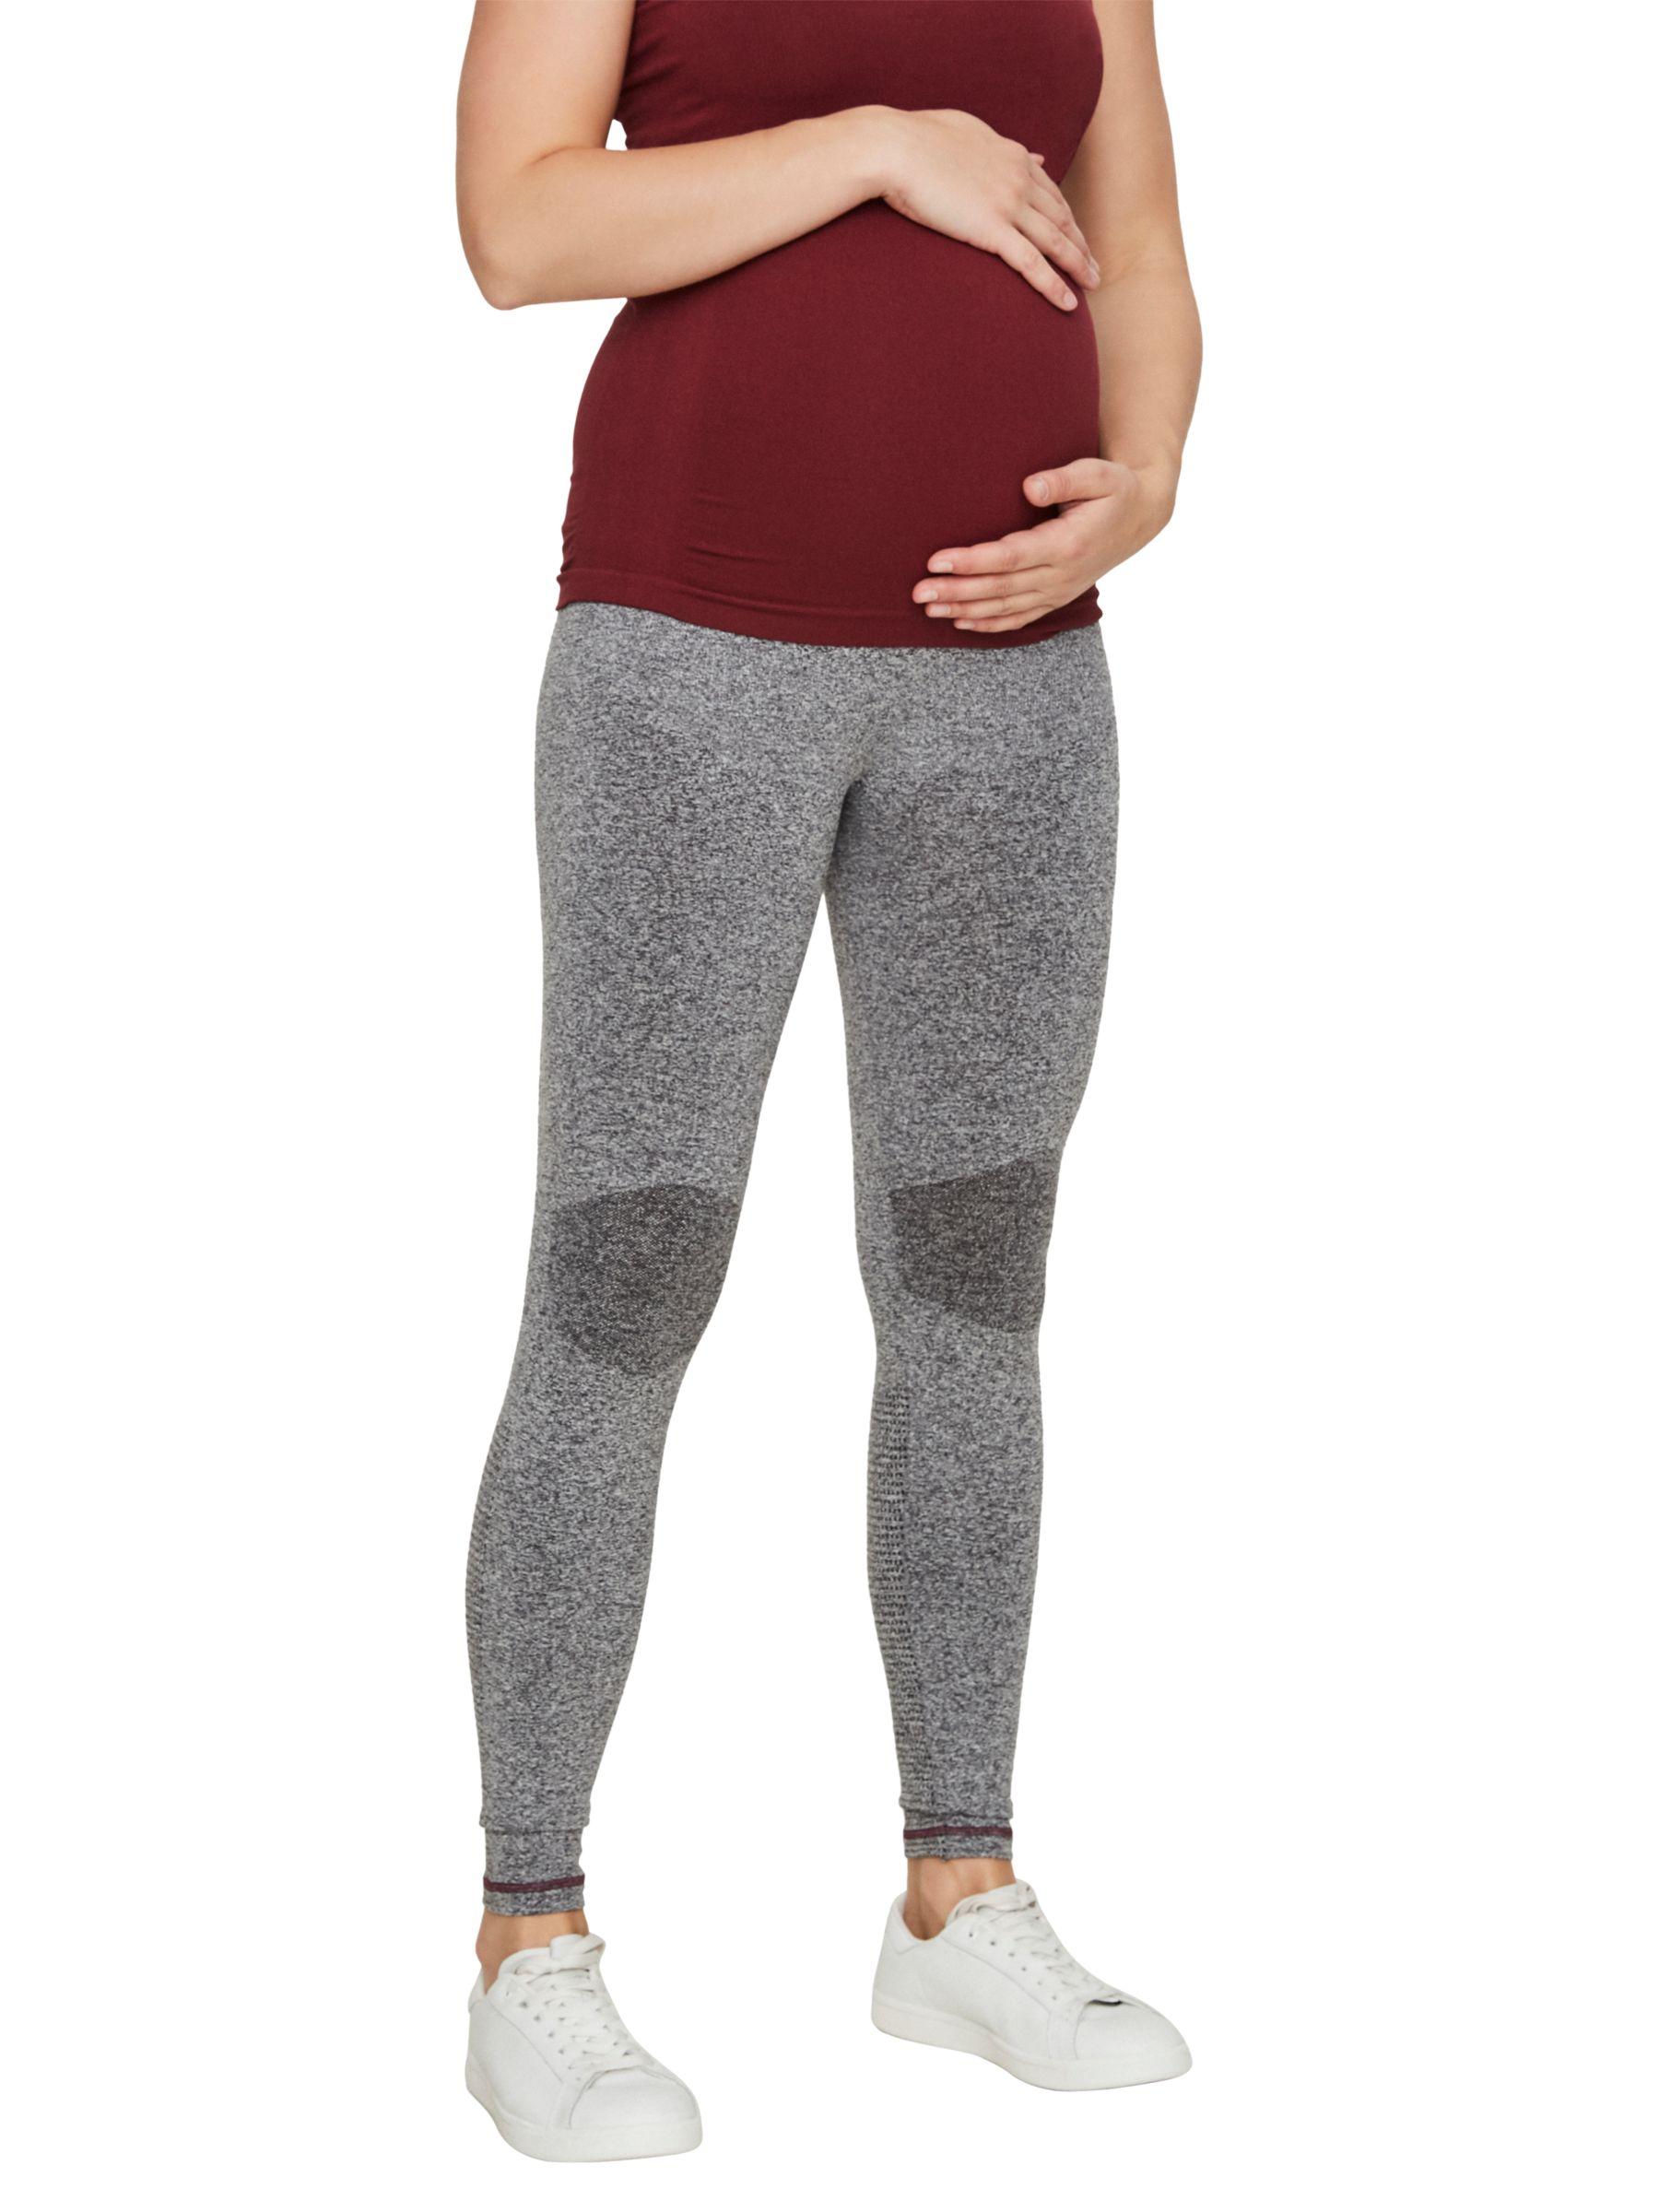 Mamalicious Mamalicious Active Maternity Leggings, Grey Melange